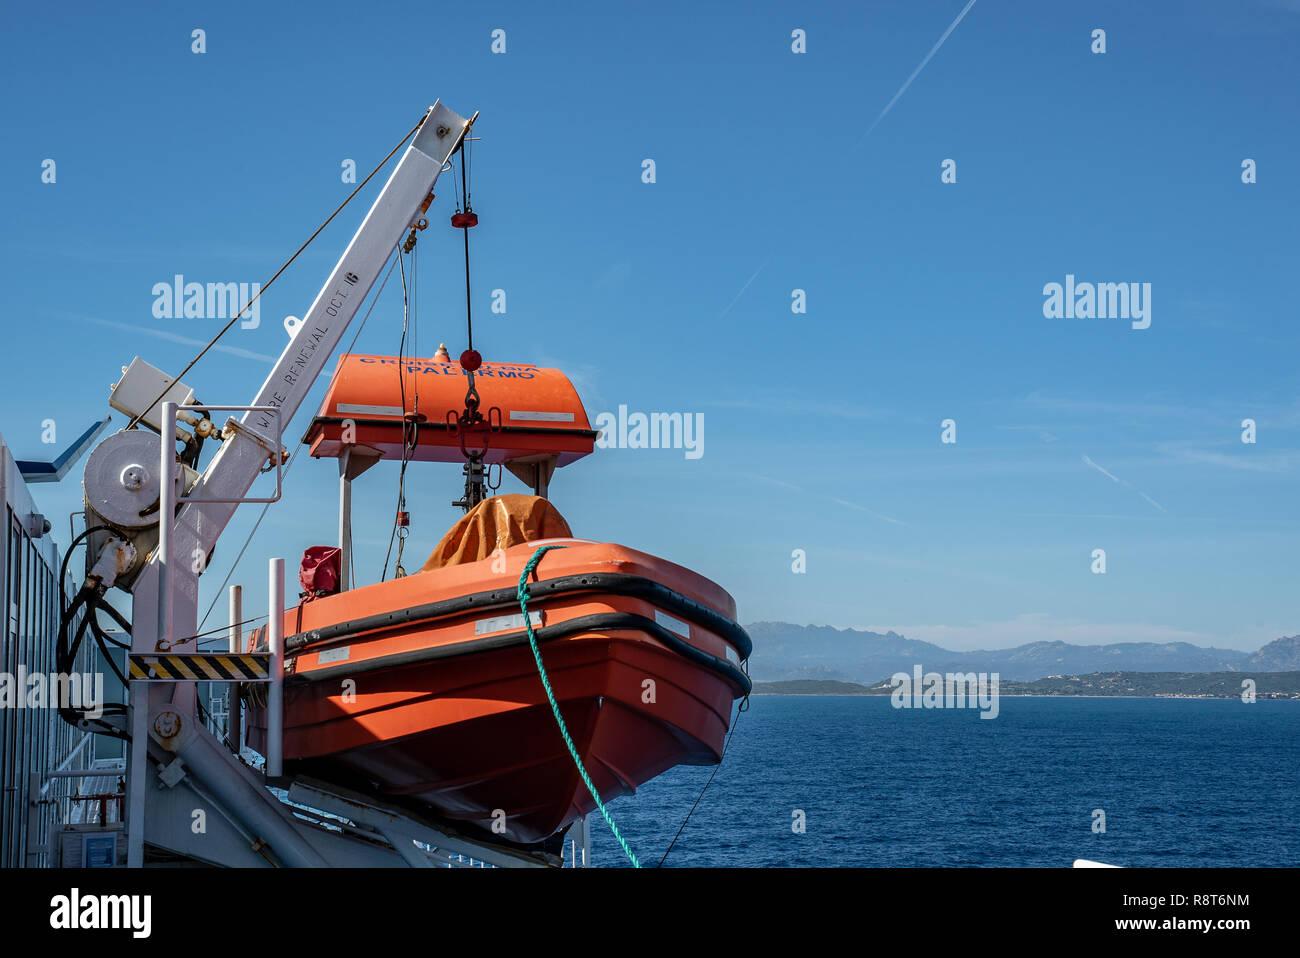 b1778b2e780aa3 Rosso la barca di salvataggio scialuppa di salvataggio si erge sul ponte di  una nave traghetto